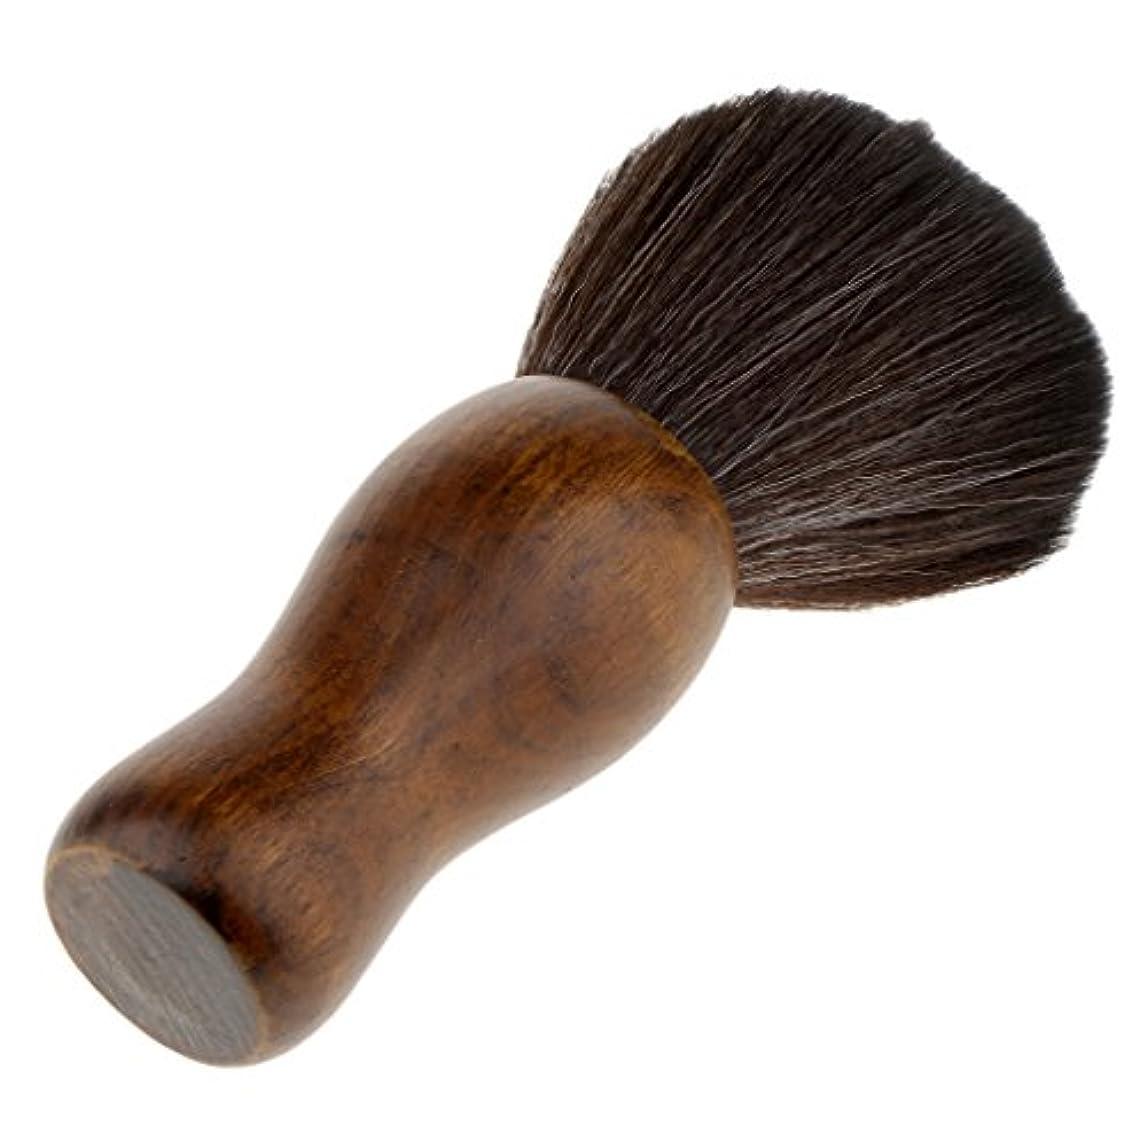 連想ブッシュお尻シェービングブラシ 化粧ブラシ ソフト 超柔らかい 繊維 シェービング メイクブラシ 木製 2色選べる - ブラック